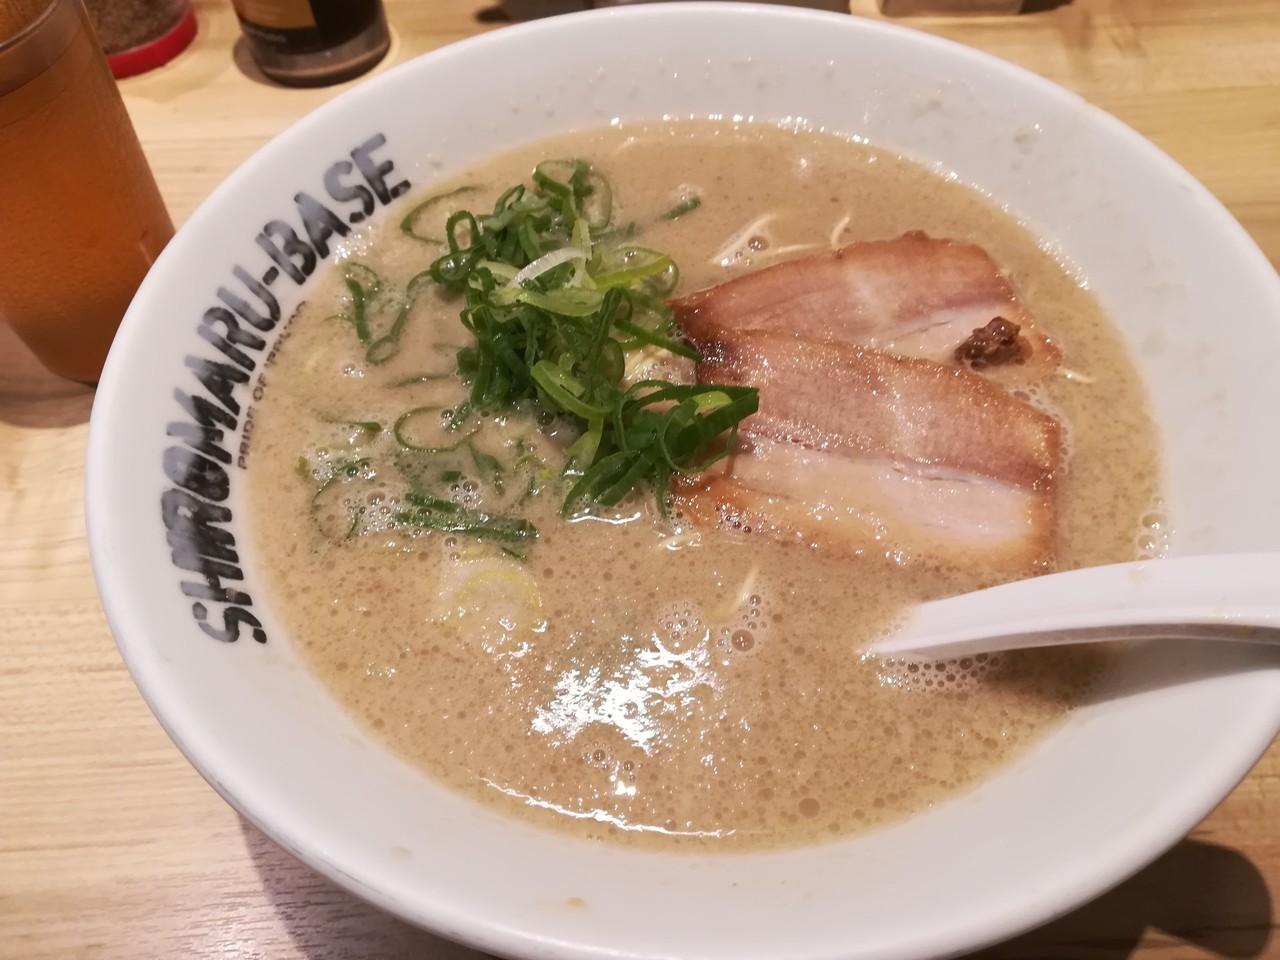 【渋谷】とんこつラーメンがオススメの店5選!替え玉2玉無料も